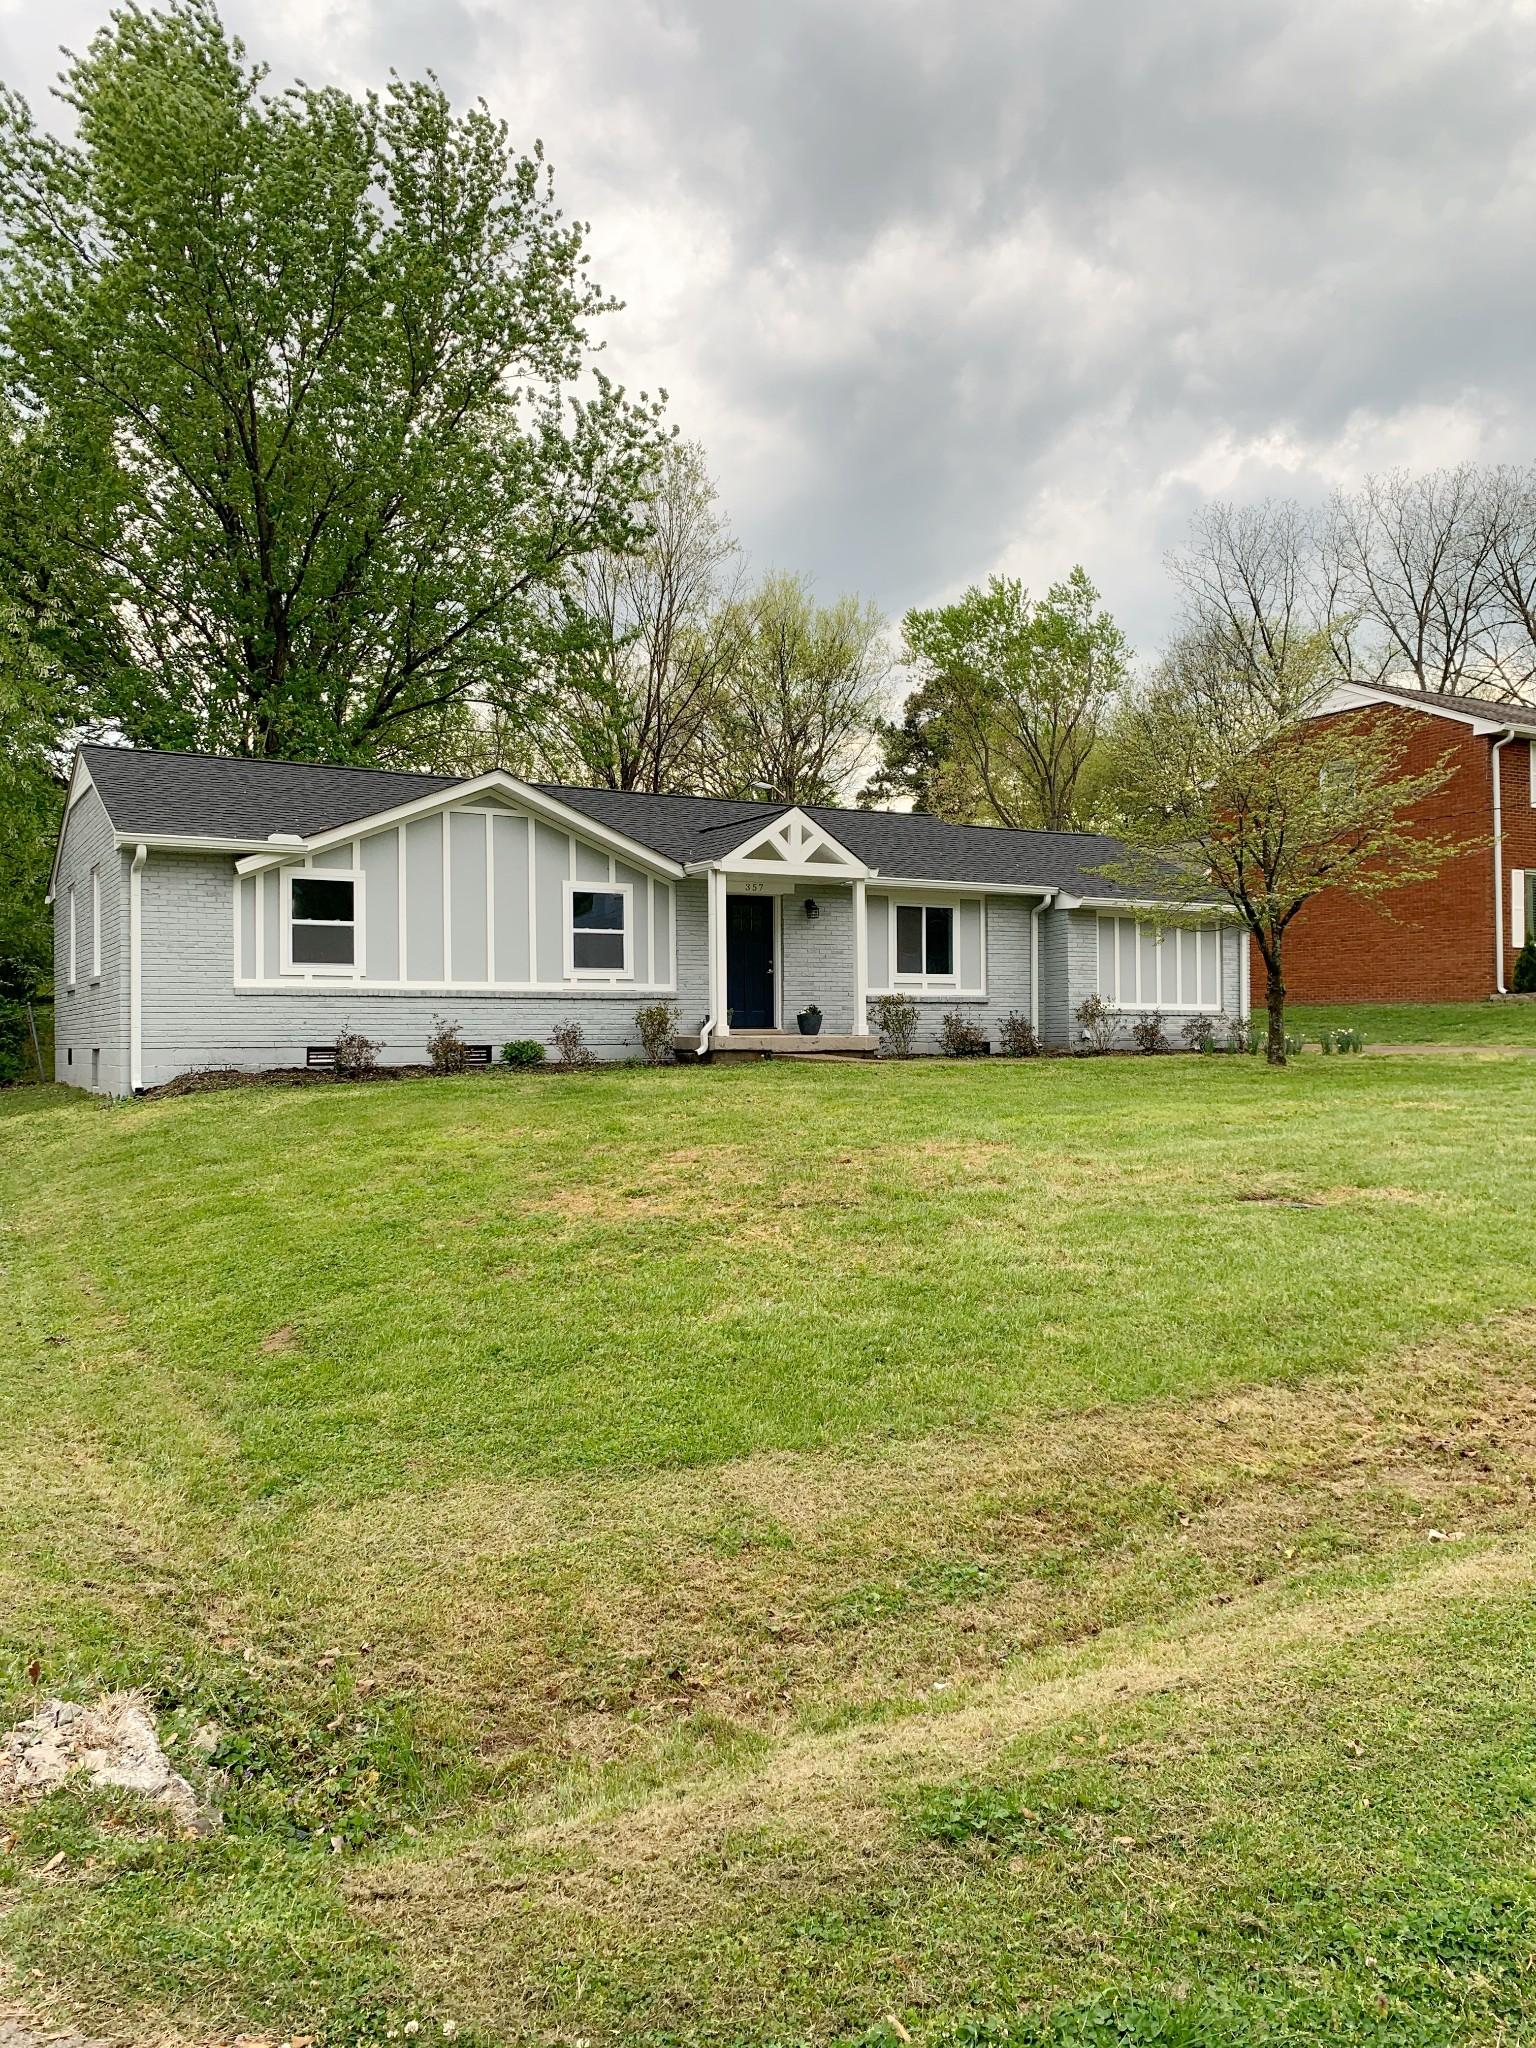 357 Binkley Dr Property Photo - Nashville, TN real estate listing